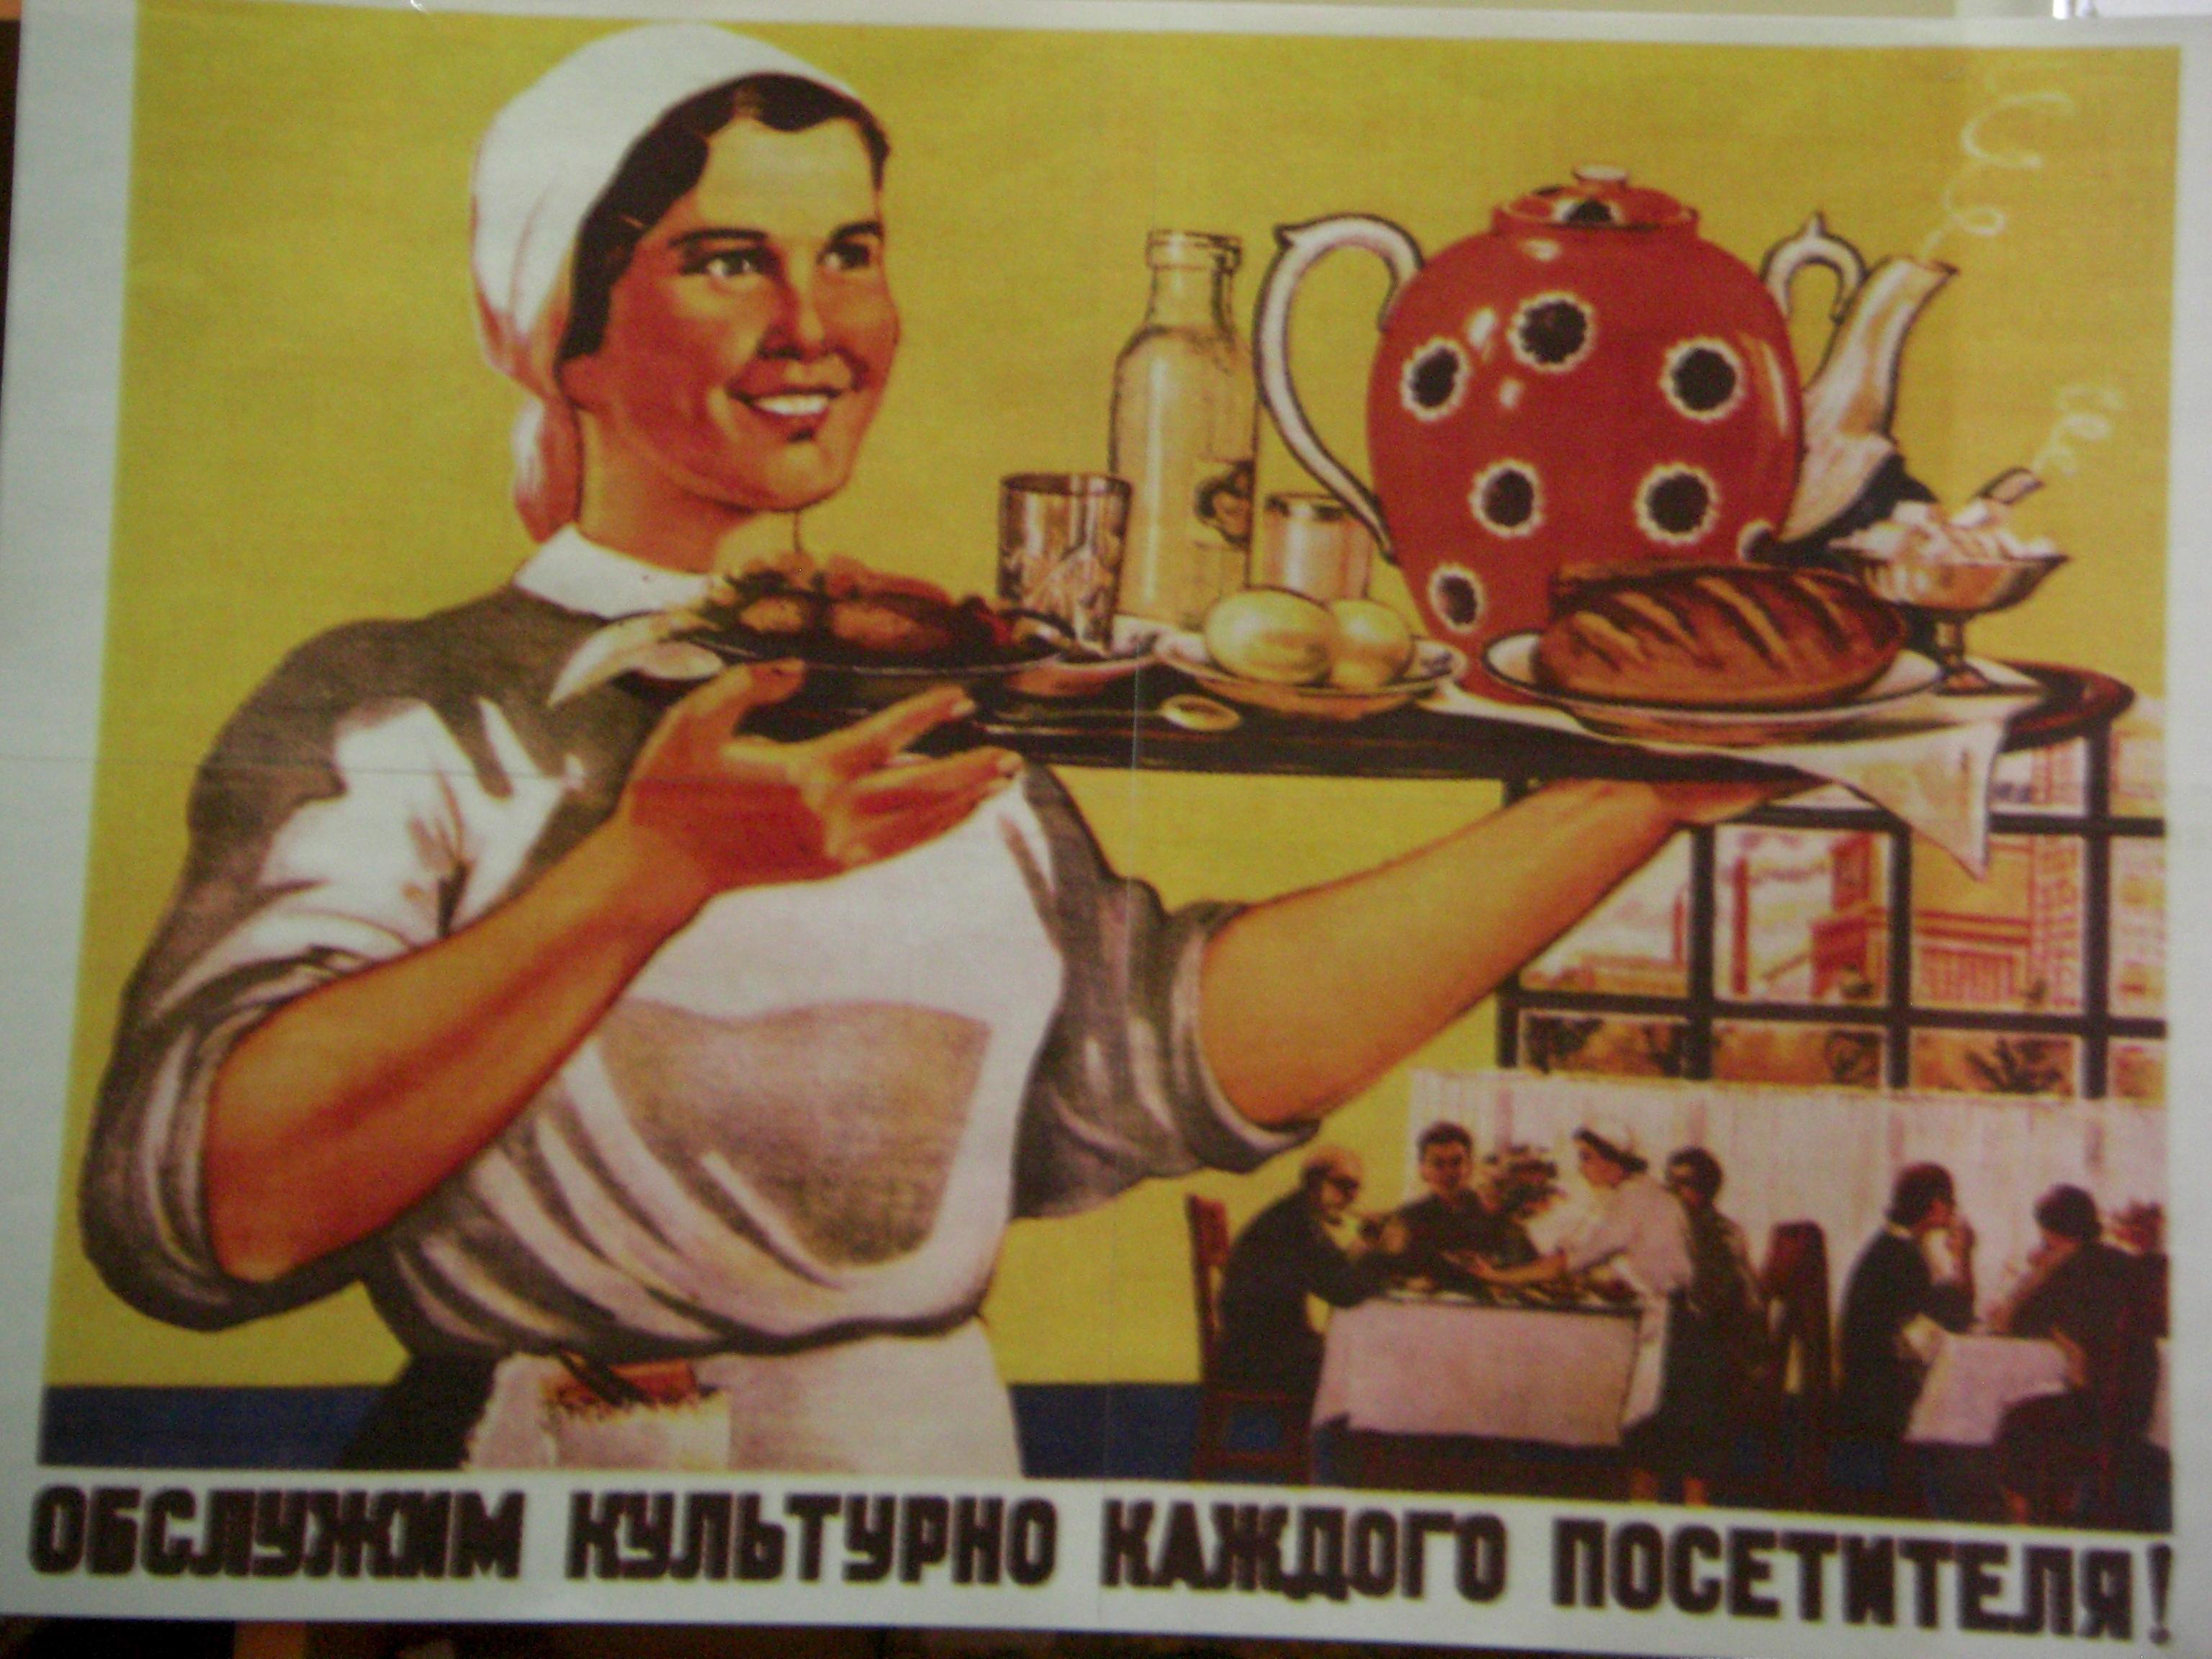 Советский плакат Обслужим культурно каждого посетителя!